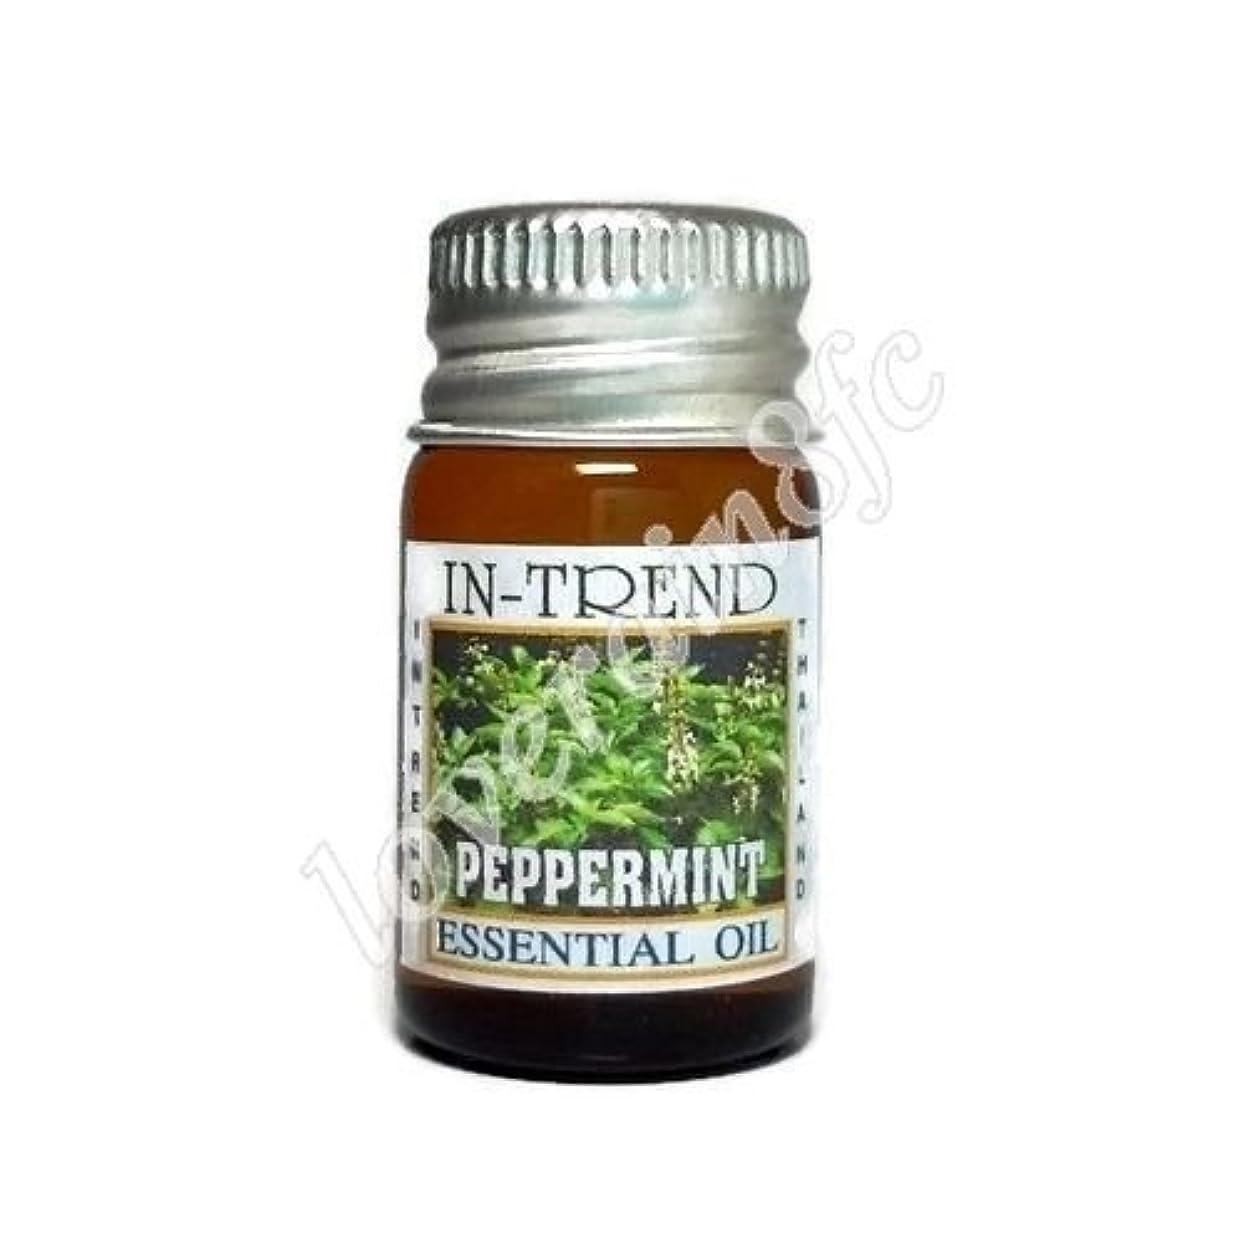 恐れスポンジ失業者純粋基本油 5ml 治療級 アロマセラピー US送料無料 - Peppermint